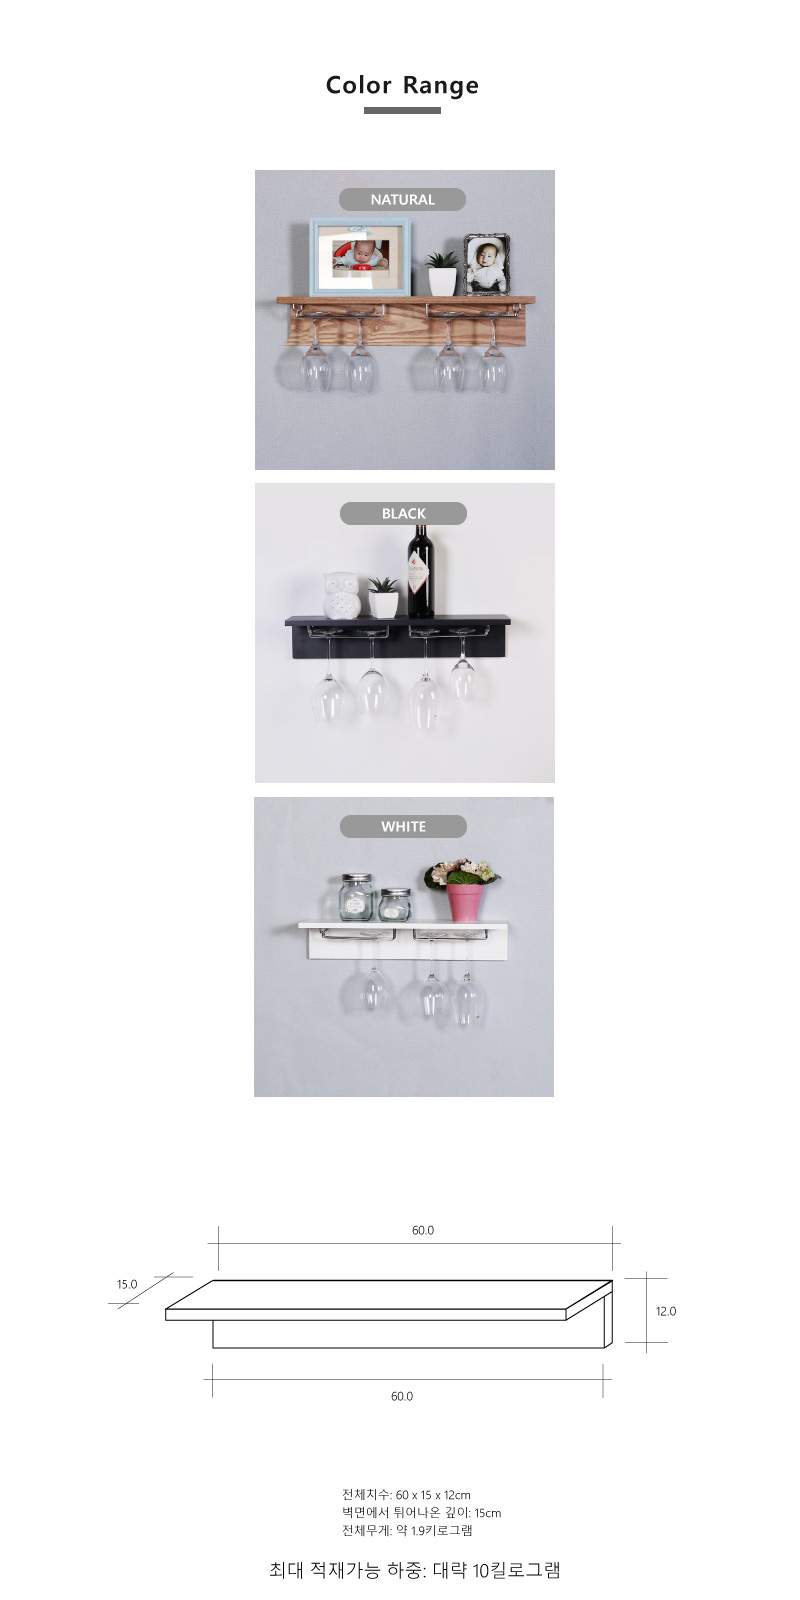 우드 기억자 와인잔걸이 인테리어 벽선반 600-3색상 - 크레디스, 35,000원, 수납/선반장, 벽선반